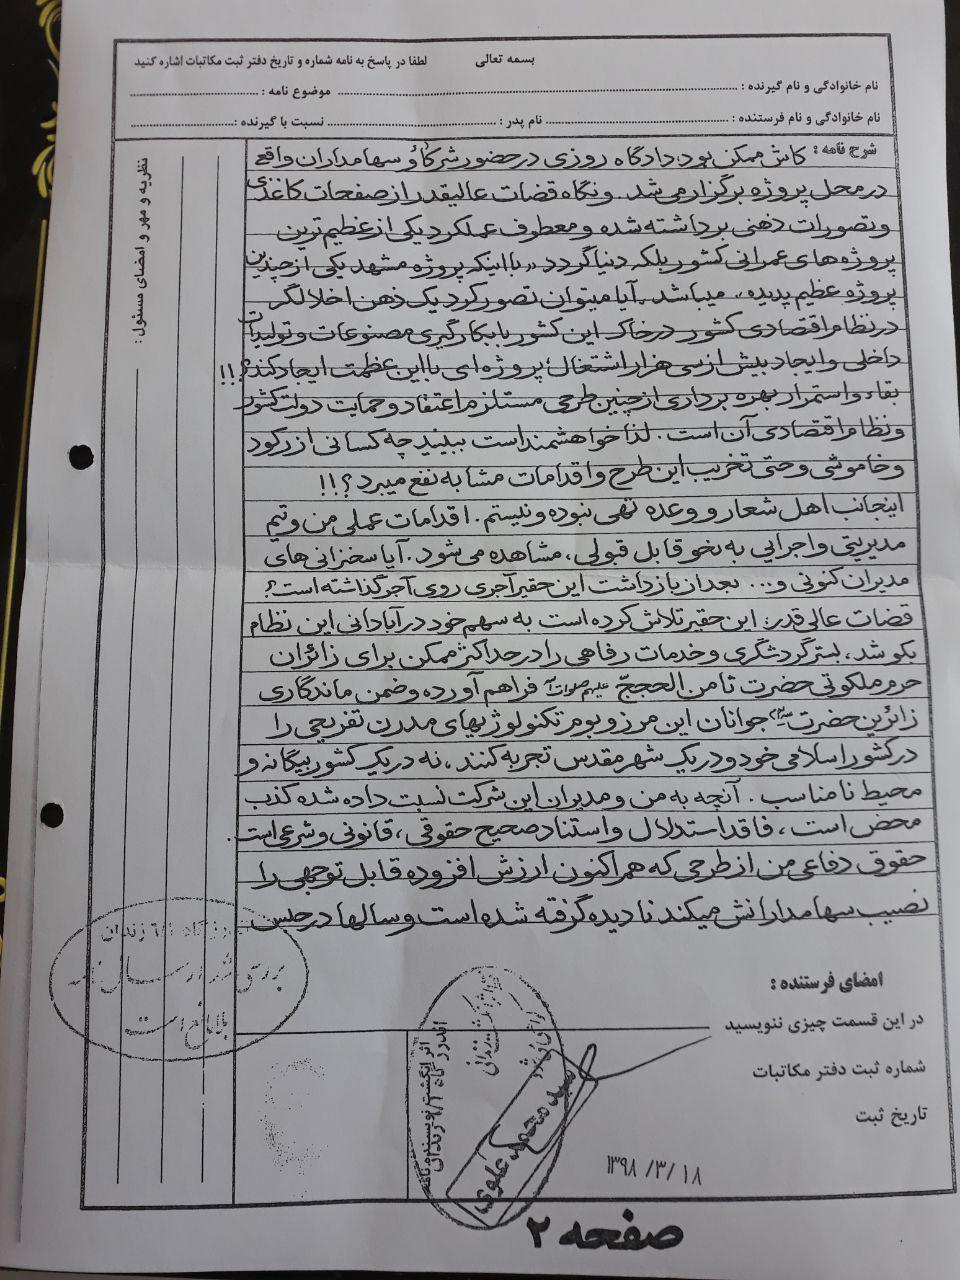 نامه سوم محسن پهلوان به قاضی منصوری - صفحه دوم